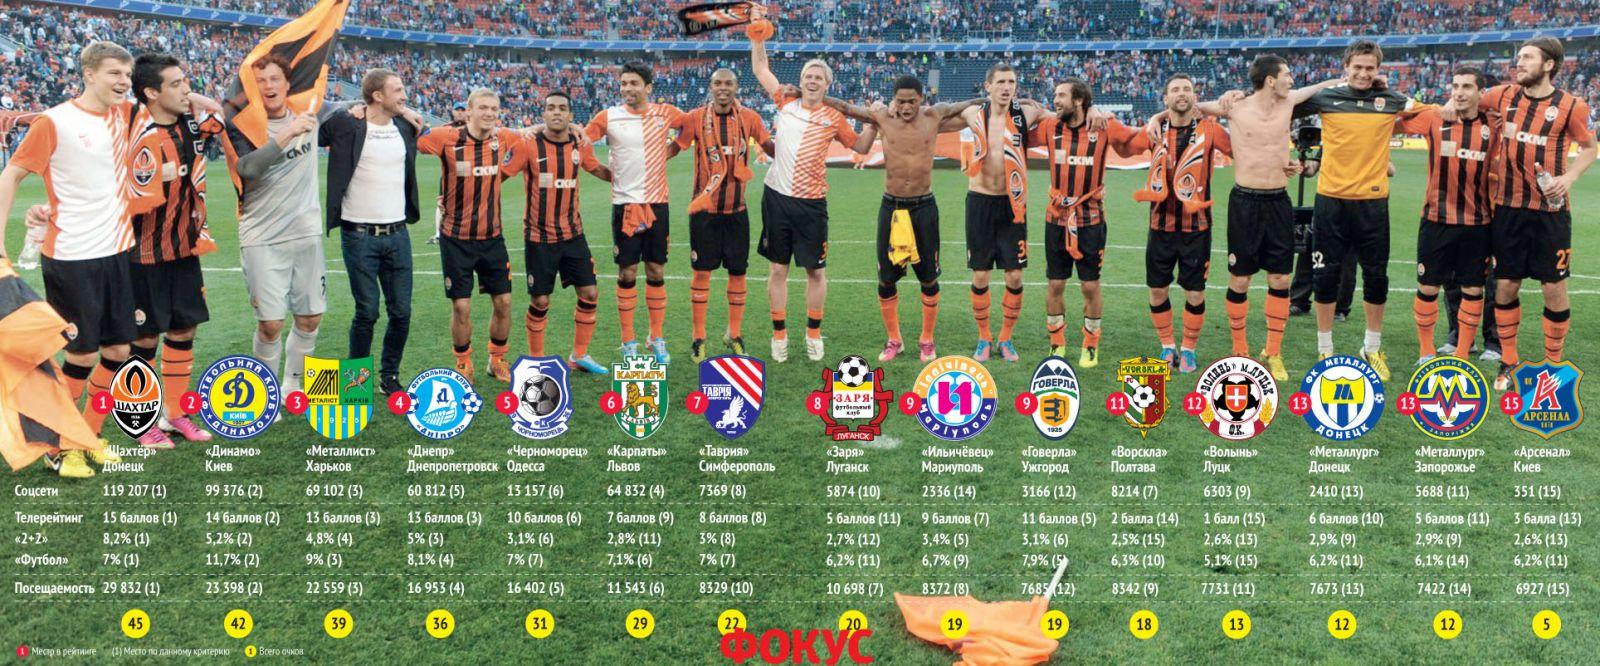 Список футбольных клубов украины [PUNIQRANDLINE-(au-dating-names.txt) 21